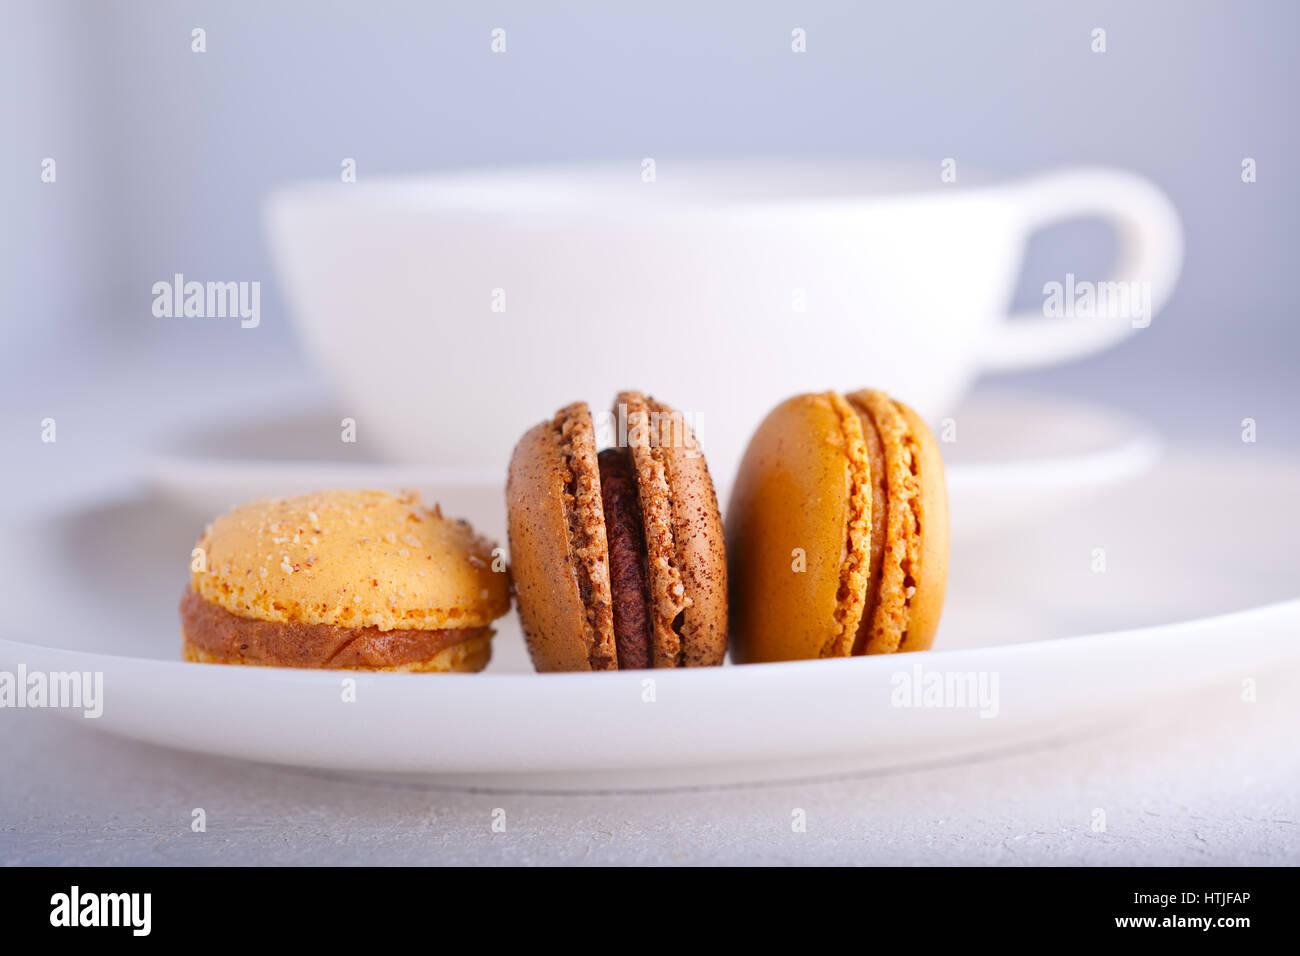 Biscotti di mandorla amaretti francese con una tazza di tè Immagini Stock